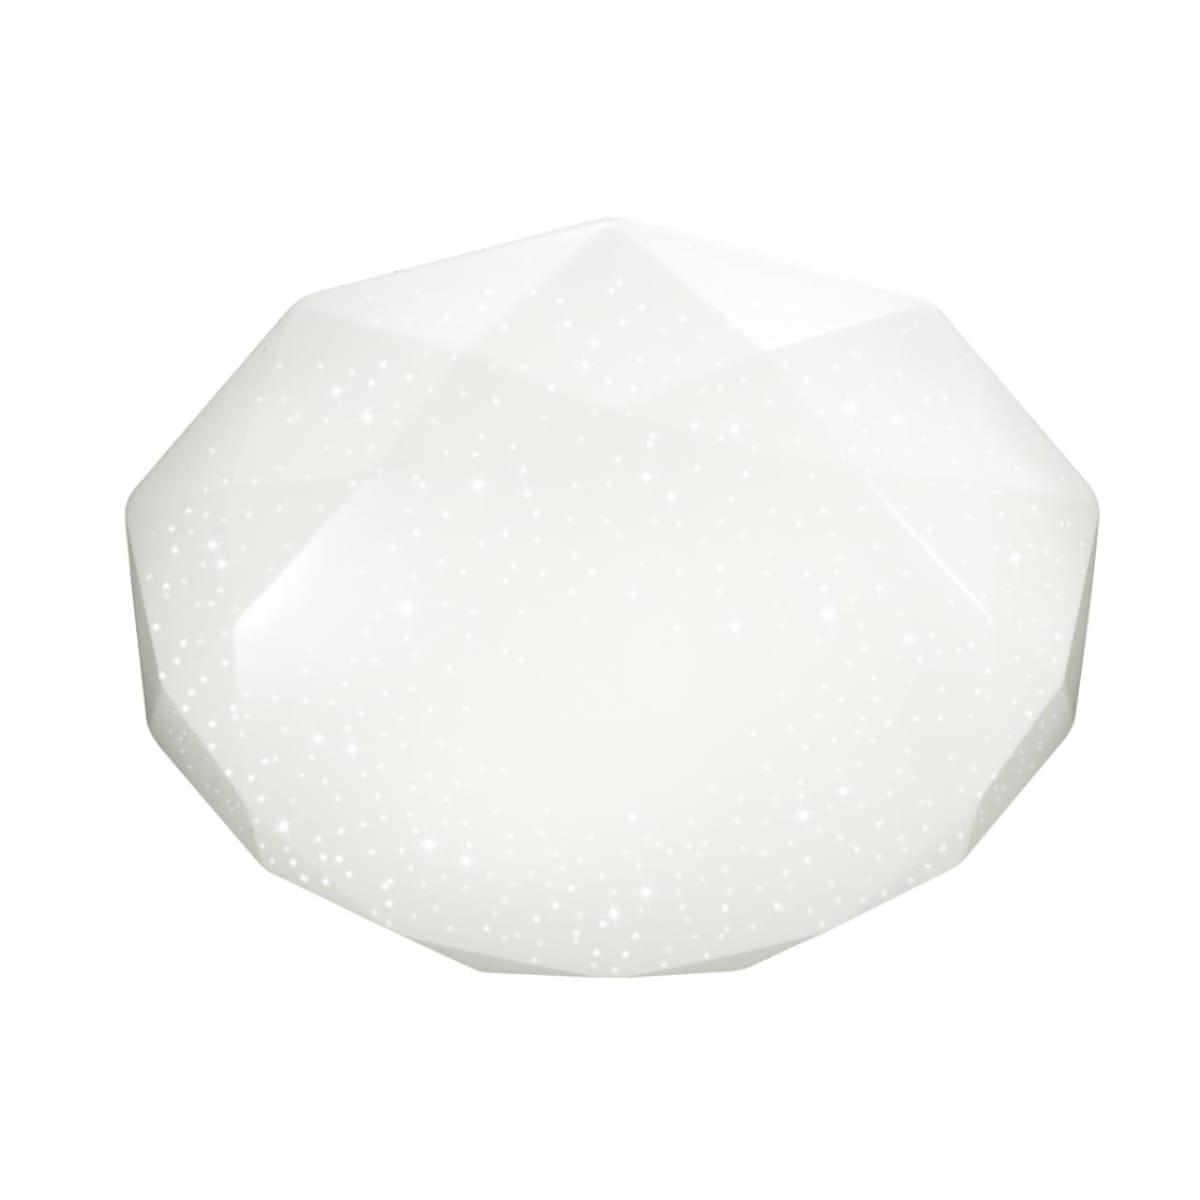 Светильник настенно-потолочный светодиодный Sonex TORA 2012/ML Изменение оттенков белого 57 м² цвет белый